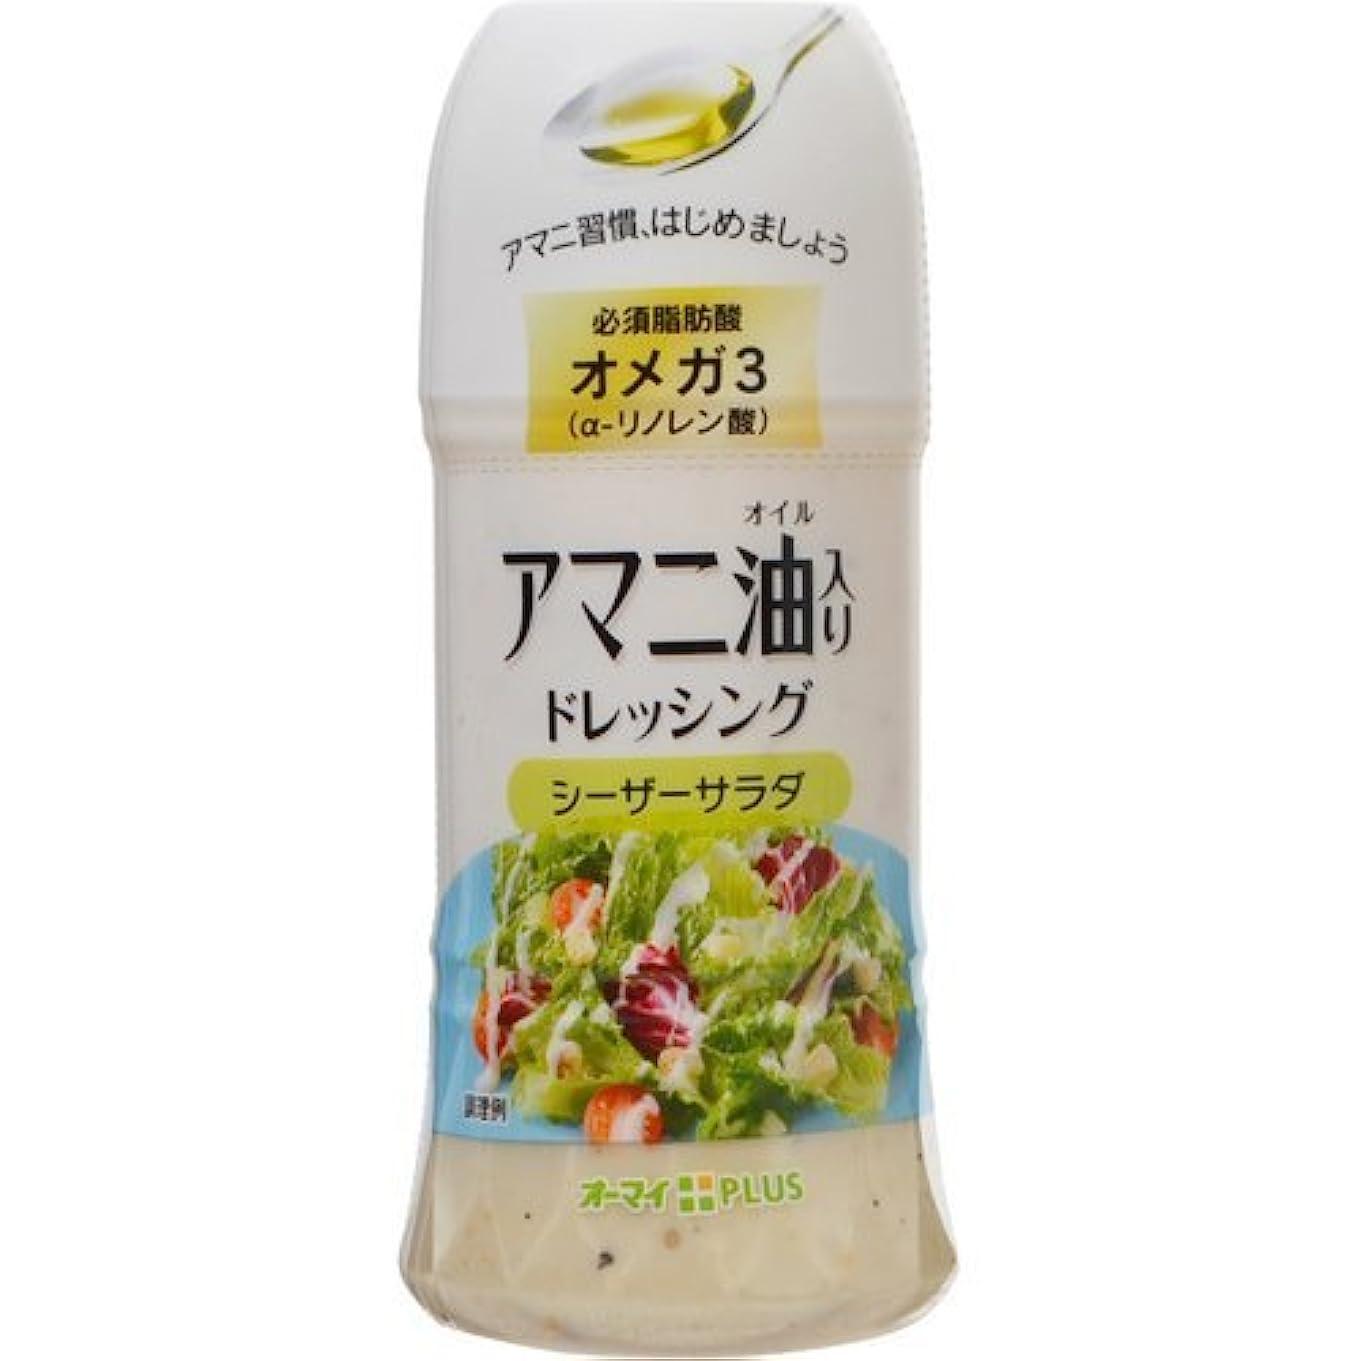 宇宙船ヒステリックペインアマニ油入り ドレッシング シーザーサラダ【6セット】